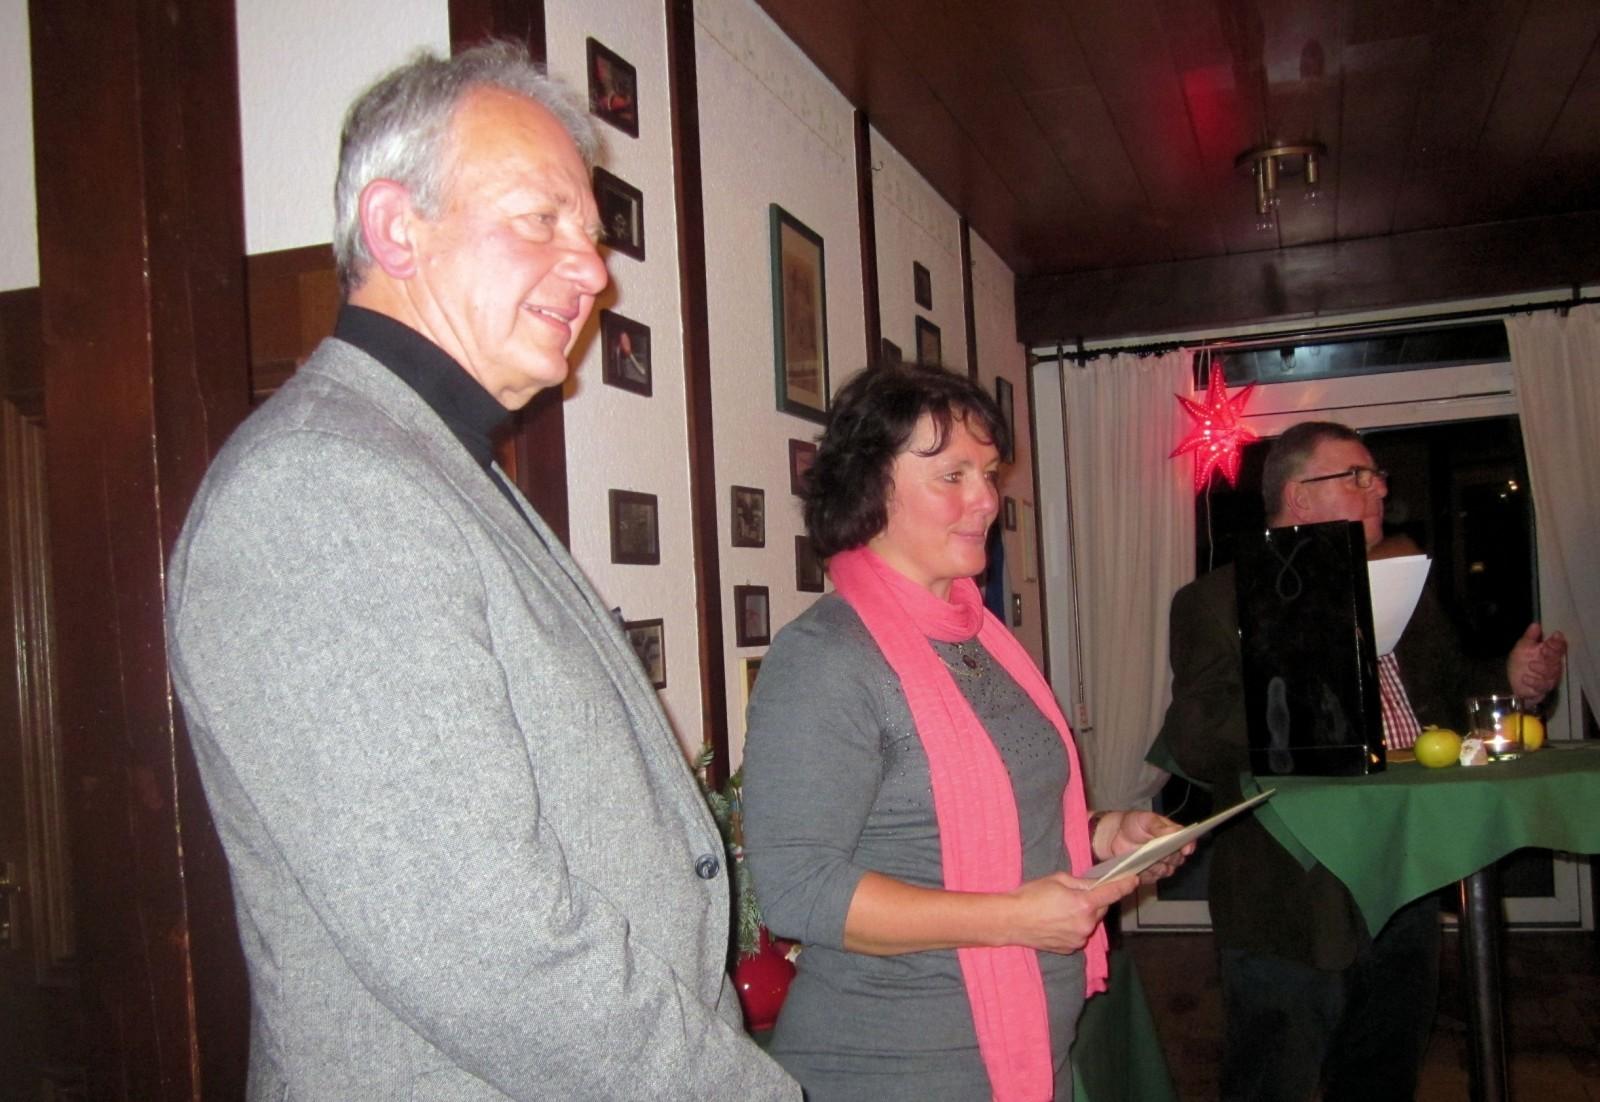 Ehrung für Marc Jurczyk, Übergabe an seine Mutter, für die vielen Erfolge 2013, RSG Weihnachtsfeier 2013